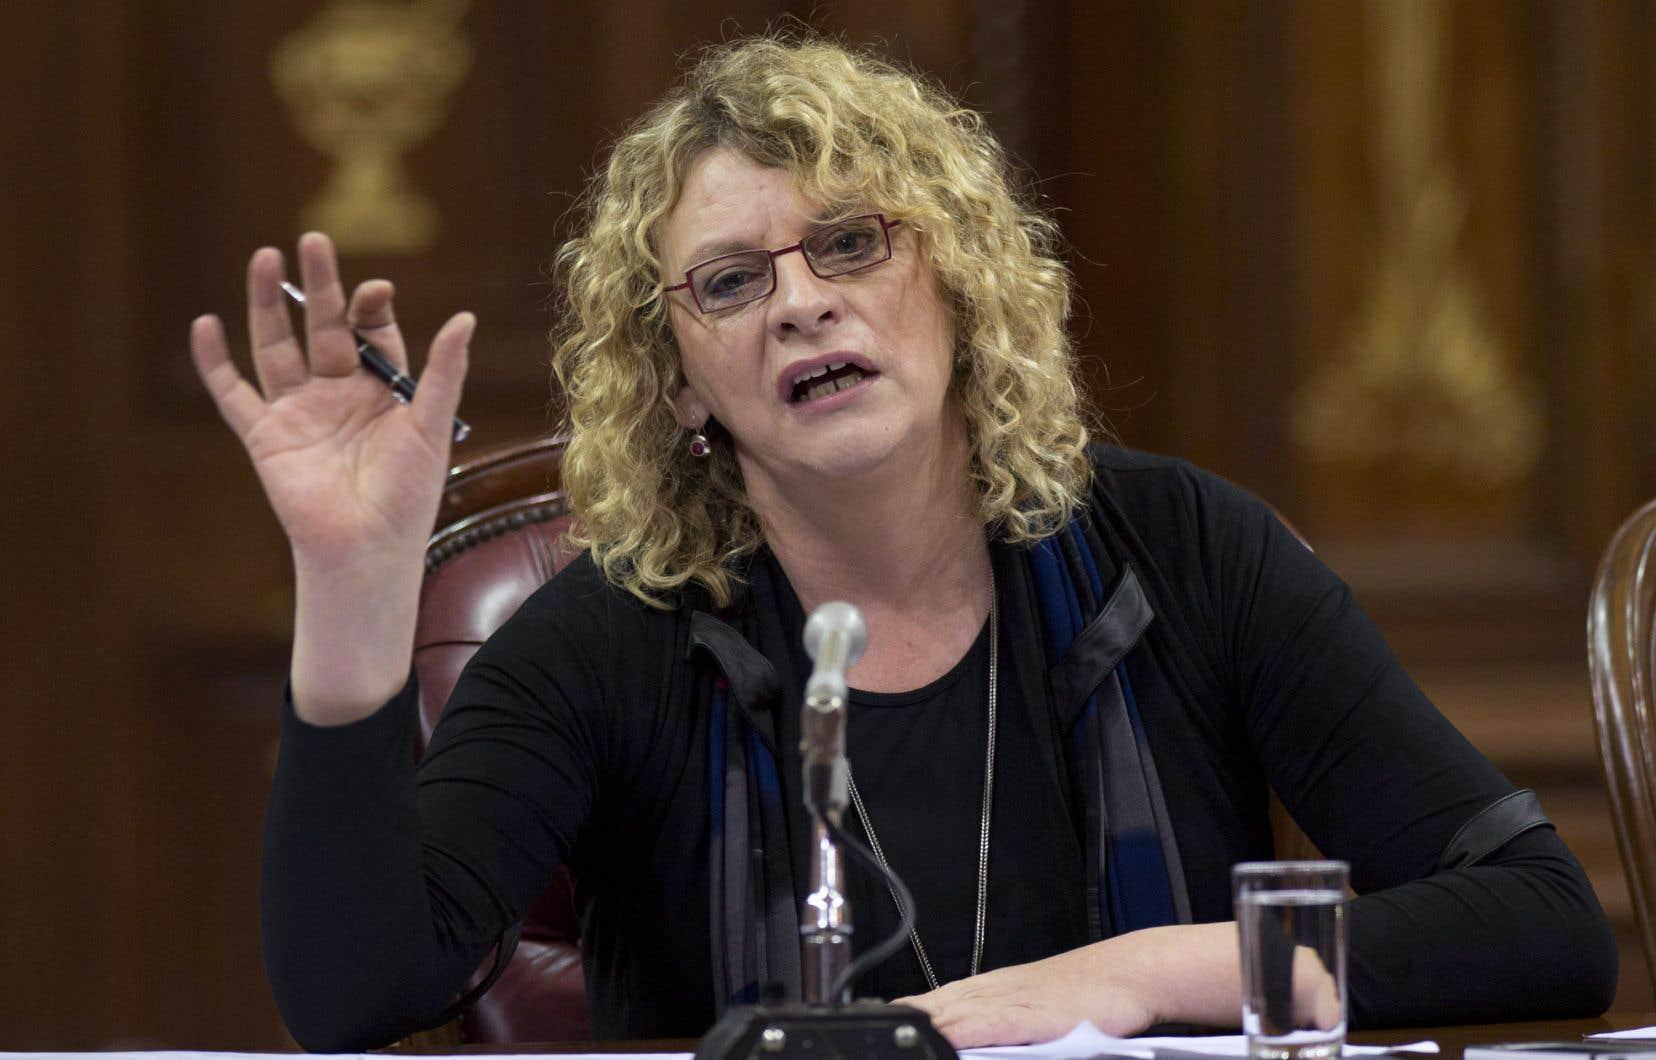 Michelle Blanc lors d'un témoignage à l'Assemblée nationale sur la charte de la laïcité, en janvier 2014